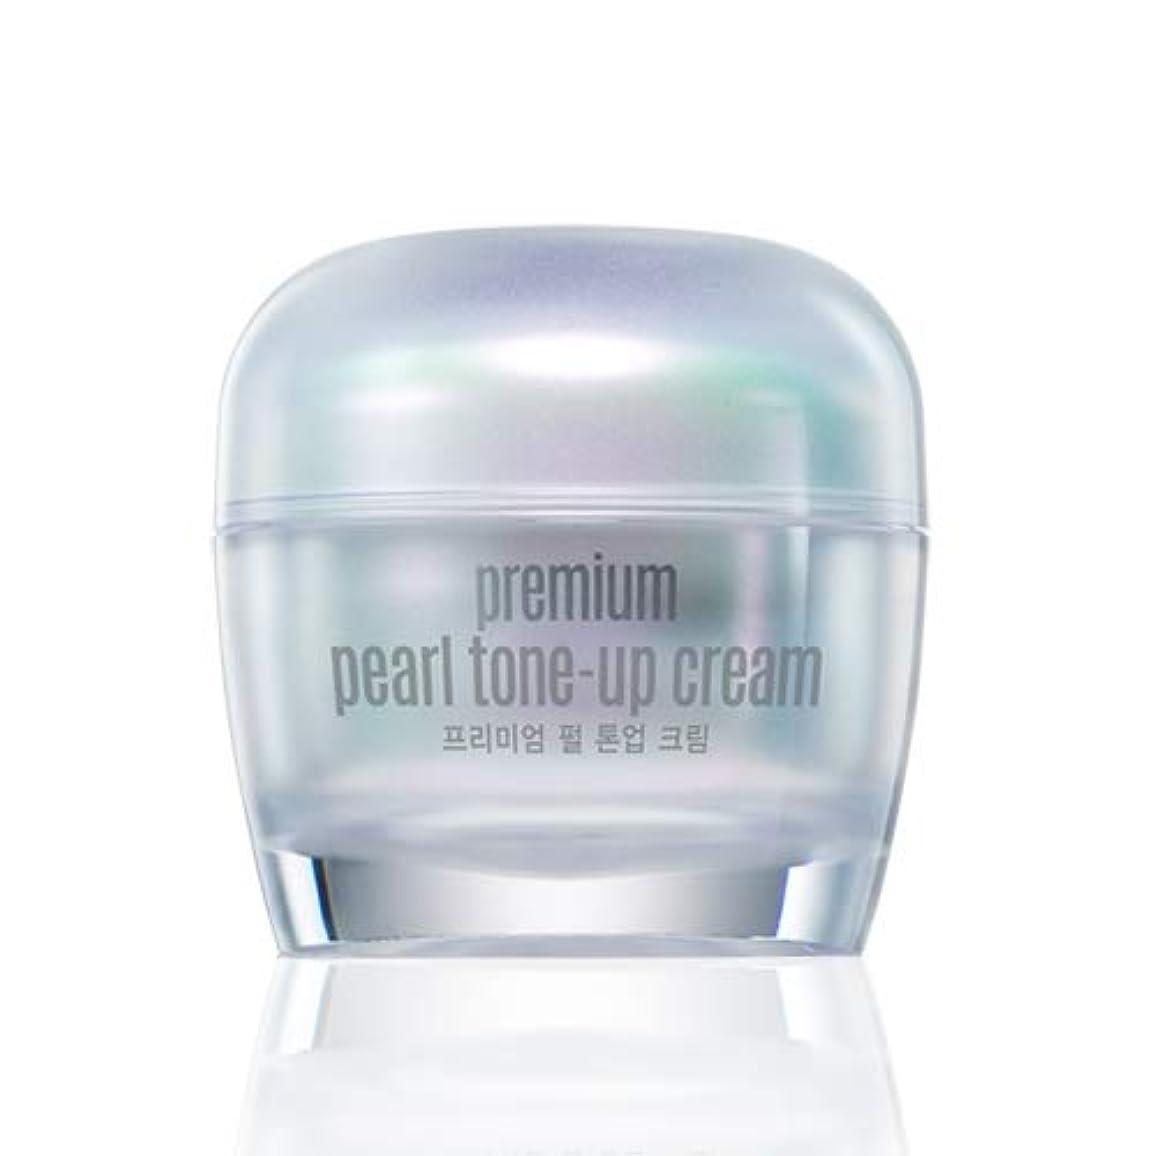 使役情緒的親密なグーダル プレミアム パール トーンアップ クリーム50ml Goodal Premium Pearl Tone-up Cream [並行輸入品]